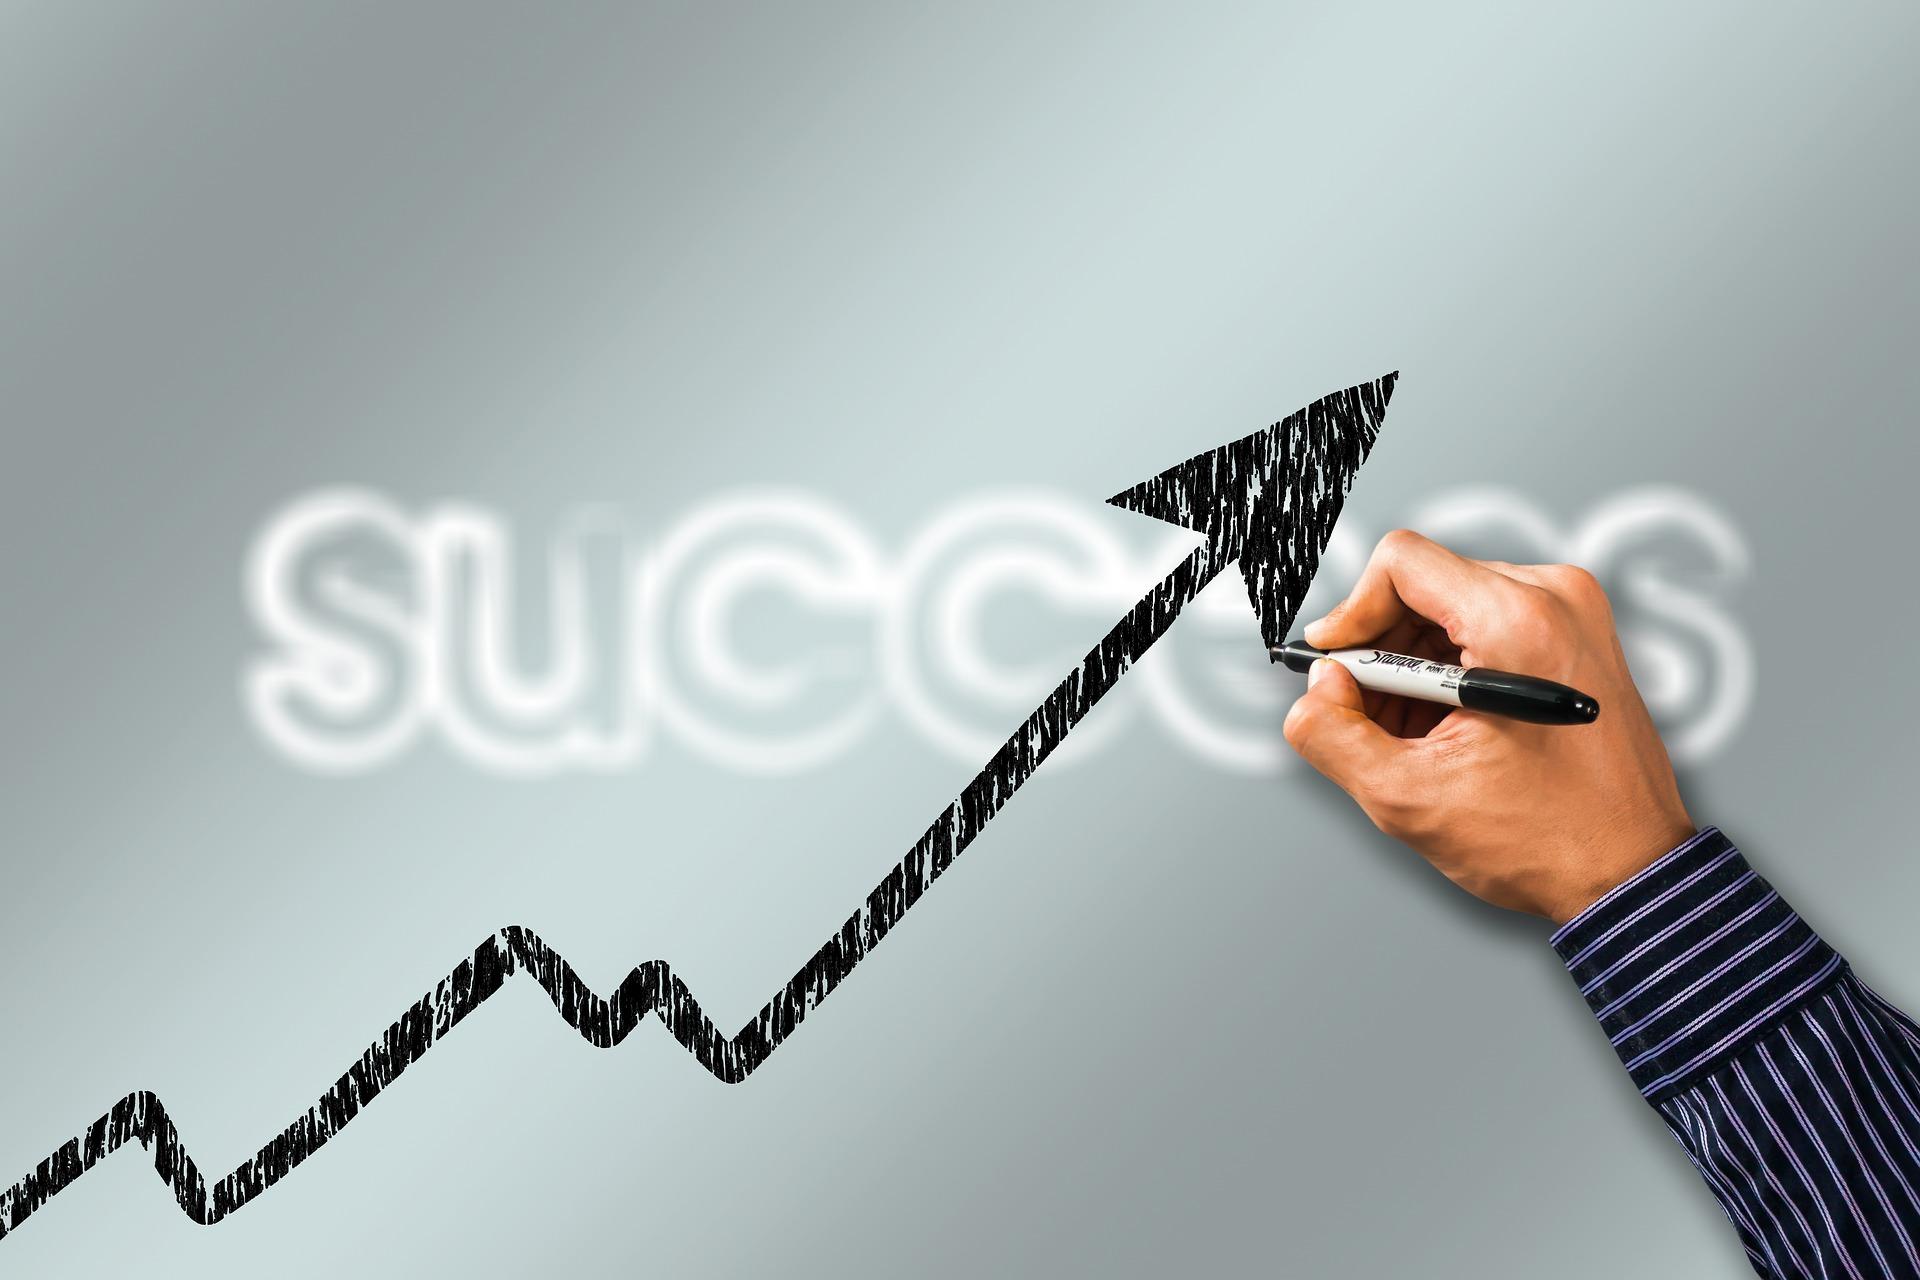 Najlepszy i najciekawszy start-up mają szanse stworzyć dwie osoby o odmiennym sposobie myślenia i różnych umiejętnościach (fot.pixabay)